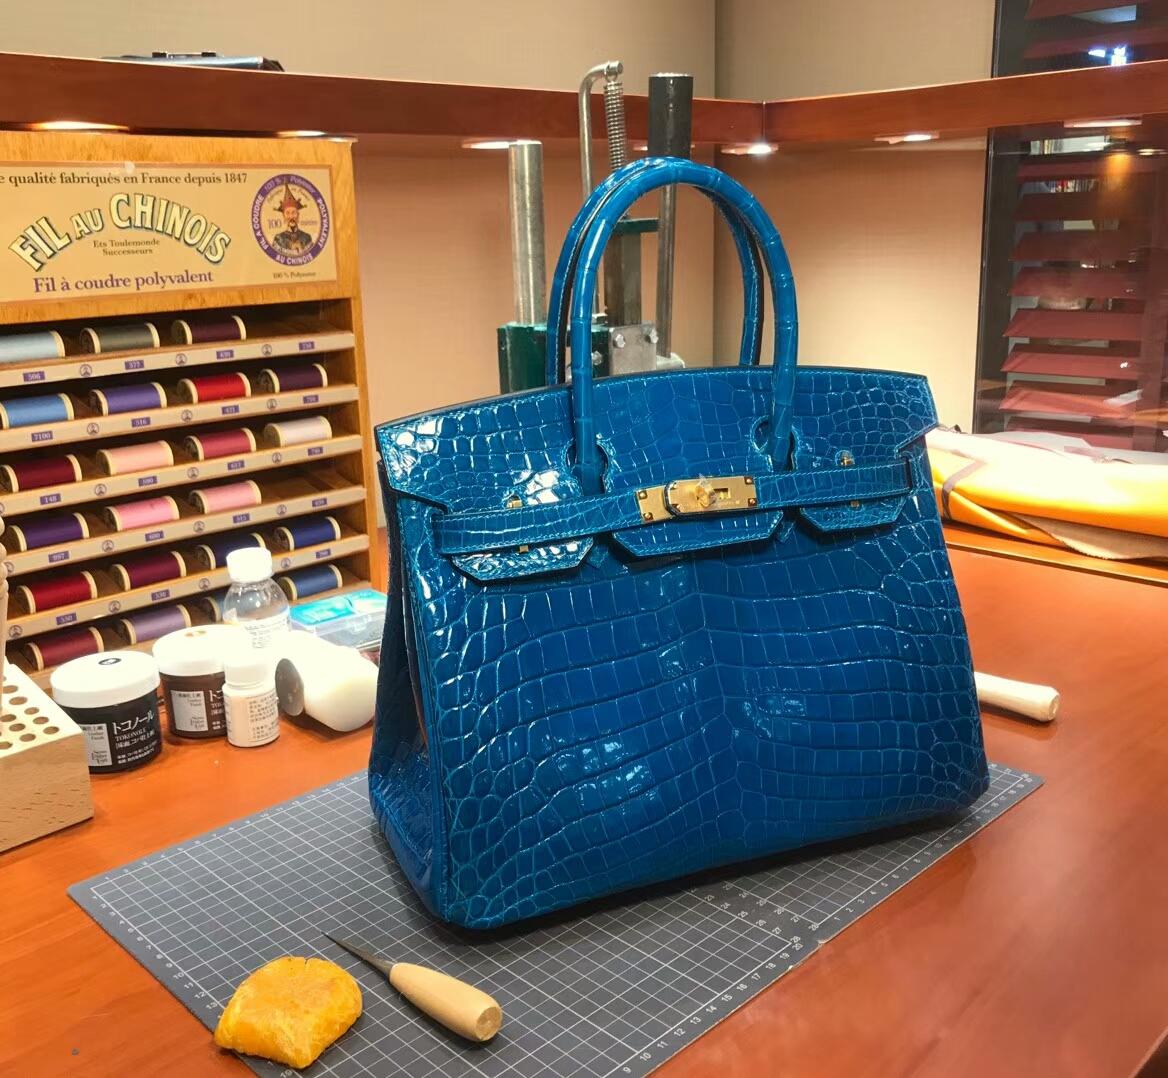 爱马仕 HERMES 铂金包 Birkin 配全套专柜原版包装 全球发售 B3坦桑尼亚蓝新水妖蓝Zanzibar Blue